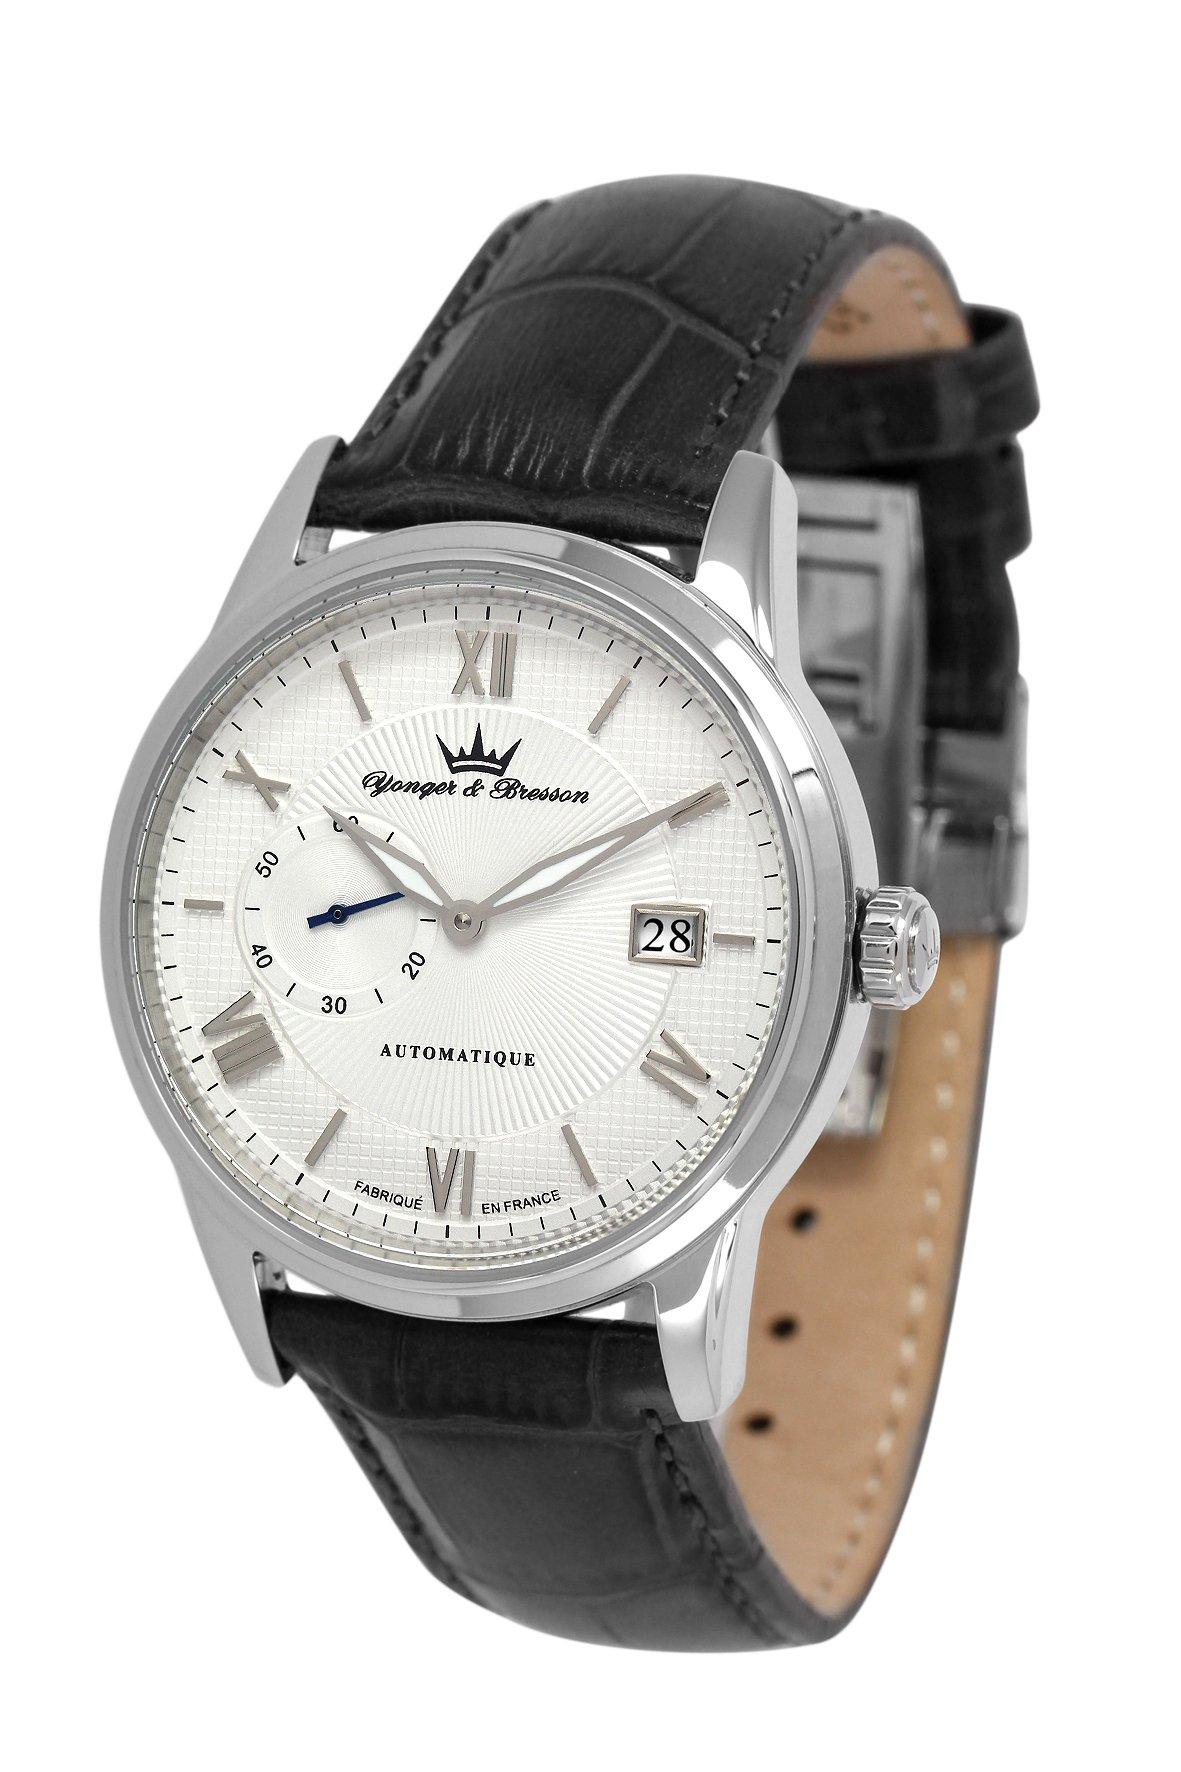 [ヨンガー&ブレッソン]Yonger&Bresson 腕時計 ボアサック Boissac YBH8360-02  自動巻 ユニ○○○○ [正規輸入品]